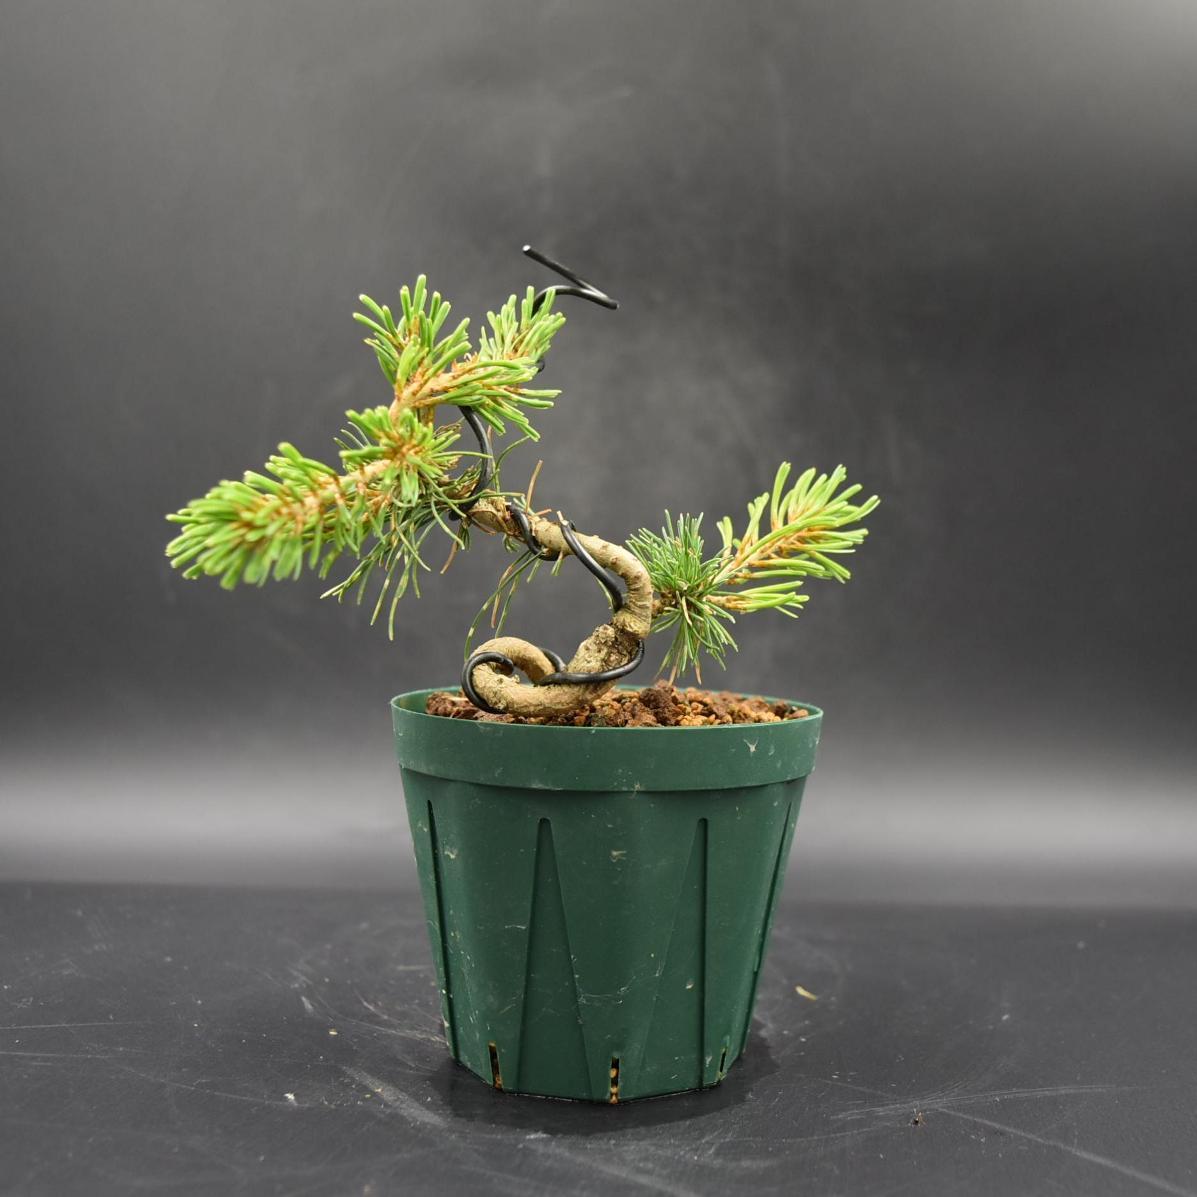 斑入り五葉松 【花火】 ミニ盆栽素材 数量物 樹形色々 樹高9cm #619_画像5